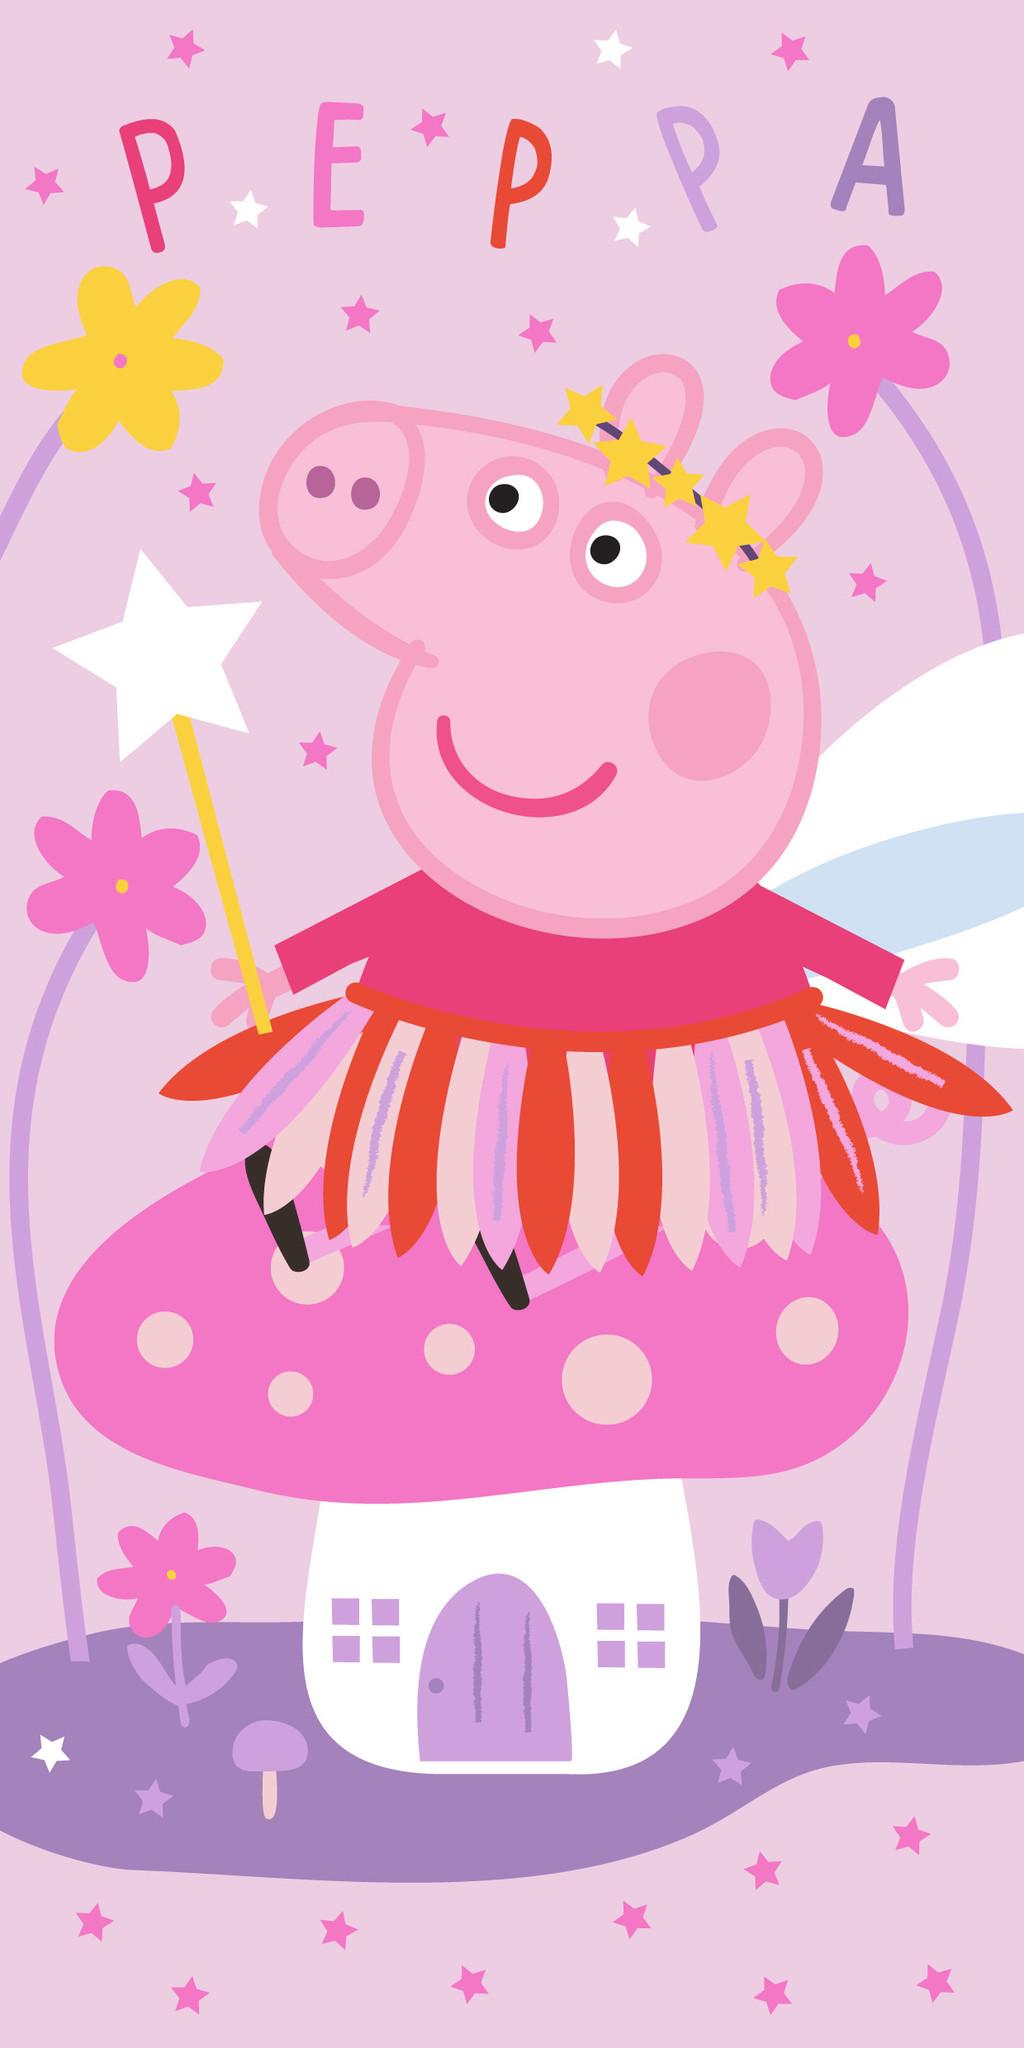 Peppa Pig Handdoek Fee